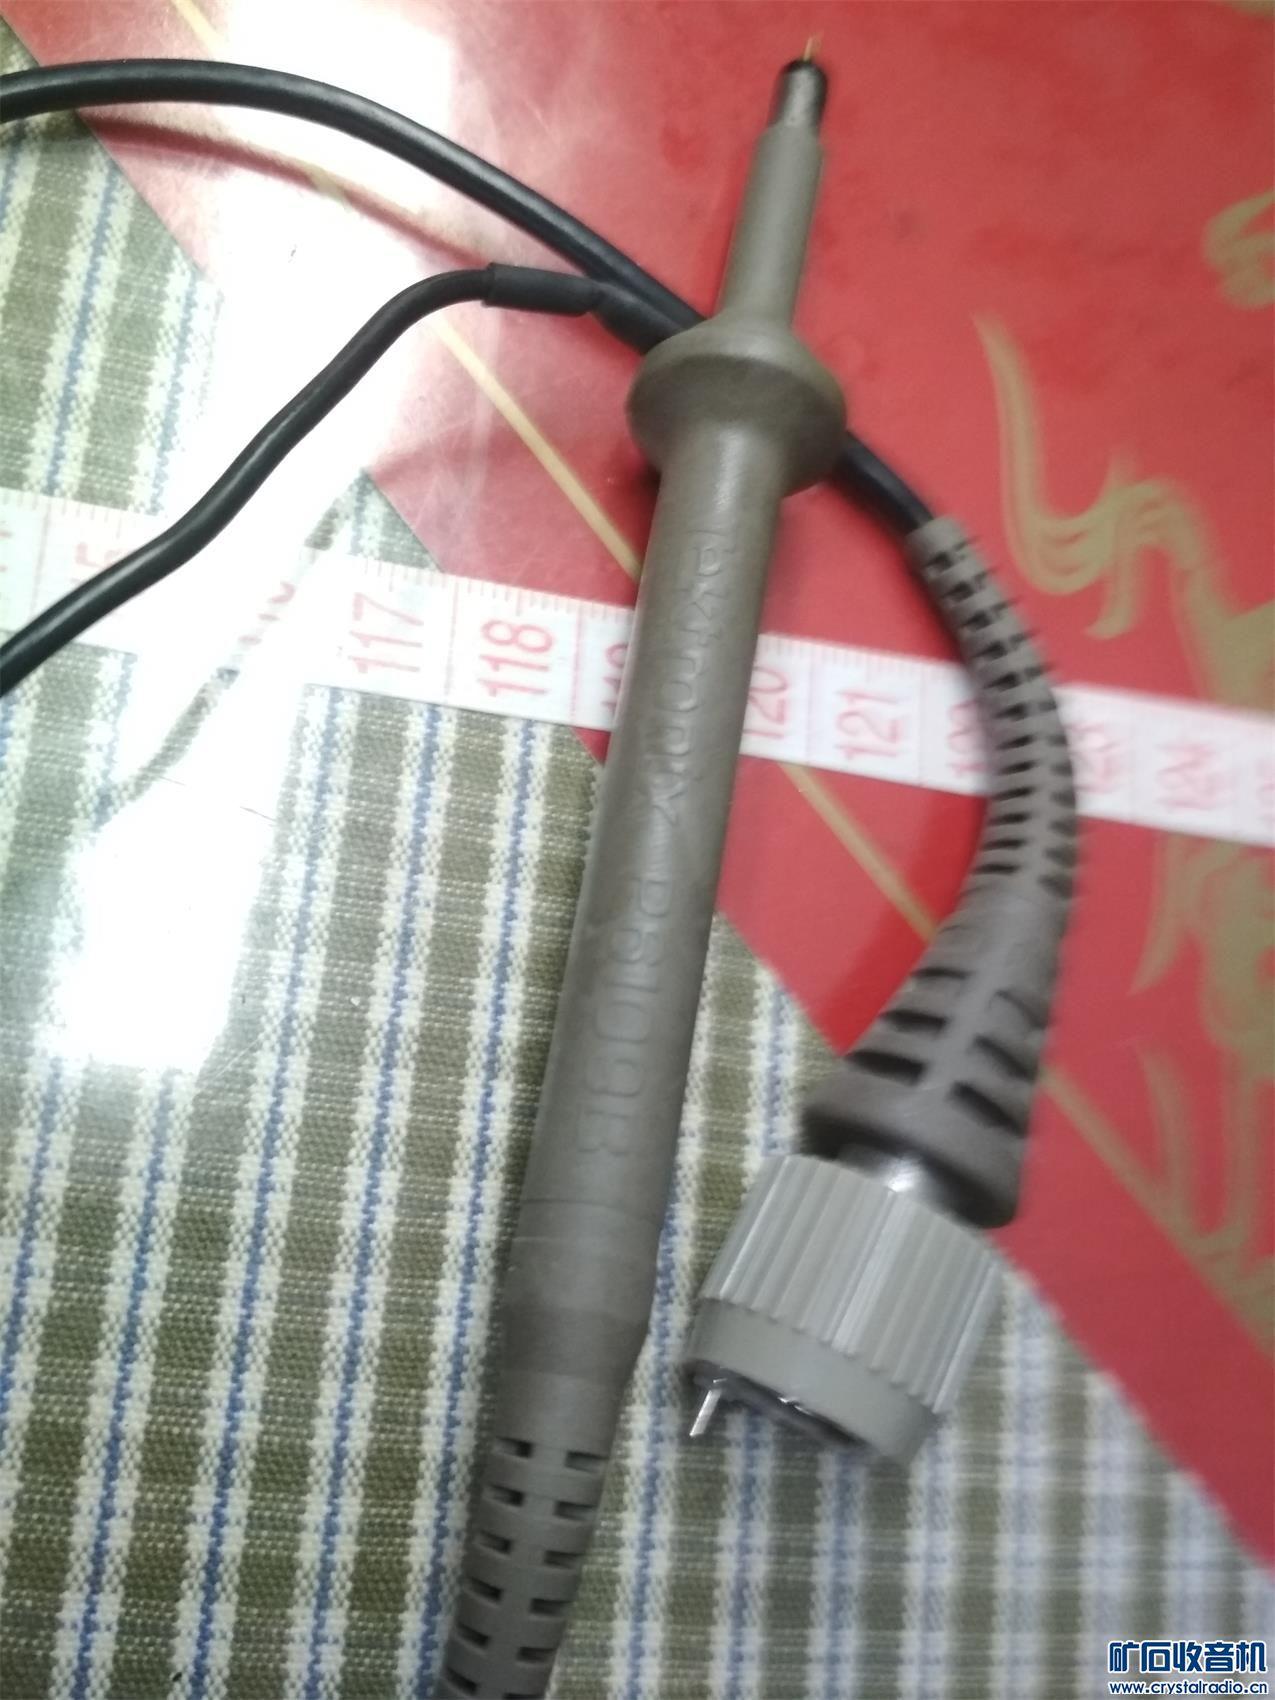 2885号泰克示波器原配就一根45元 (2).jpg